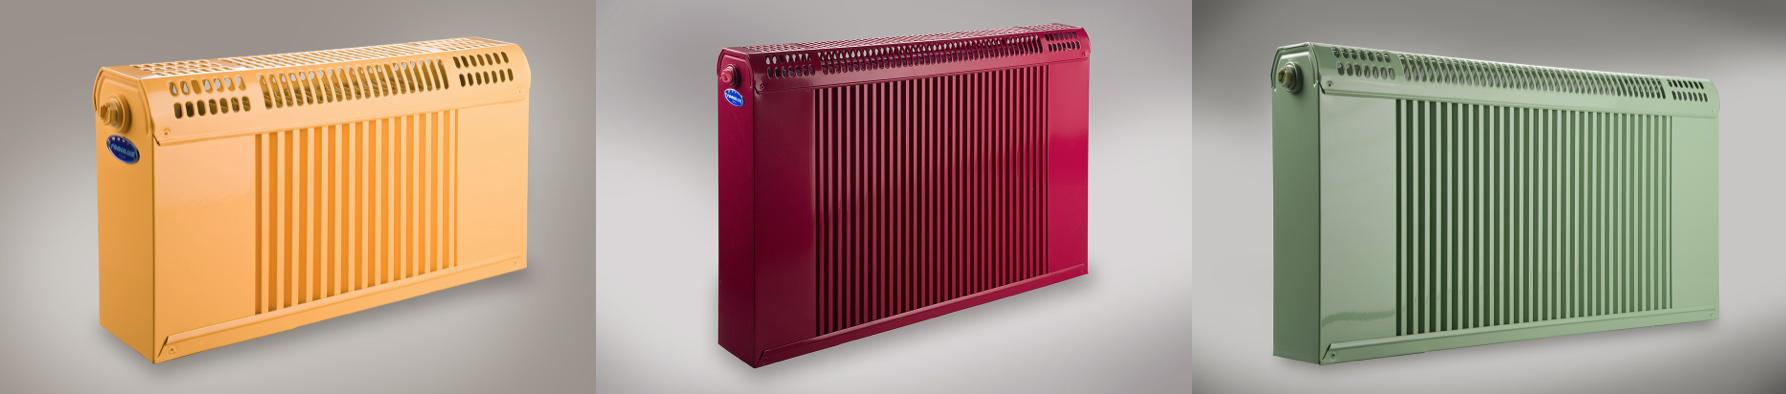 цветные радиаторы regullus, под заказ из палитры RAL K7 более 200 оттенков + 15% к цене стандартного радиатора (белого цвета)